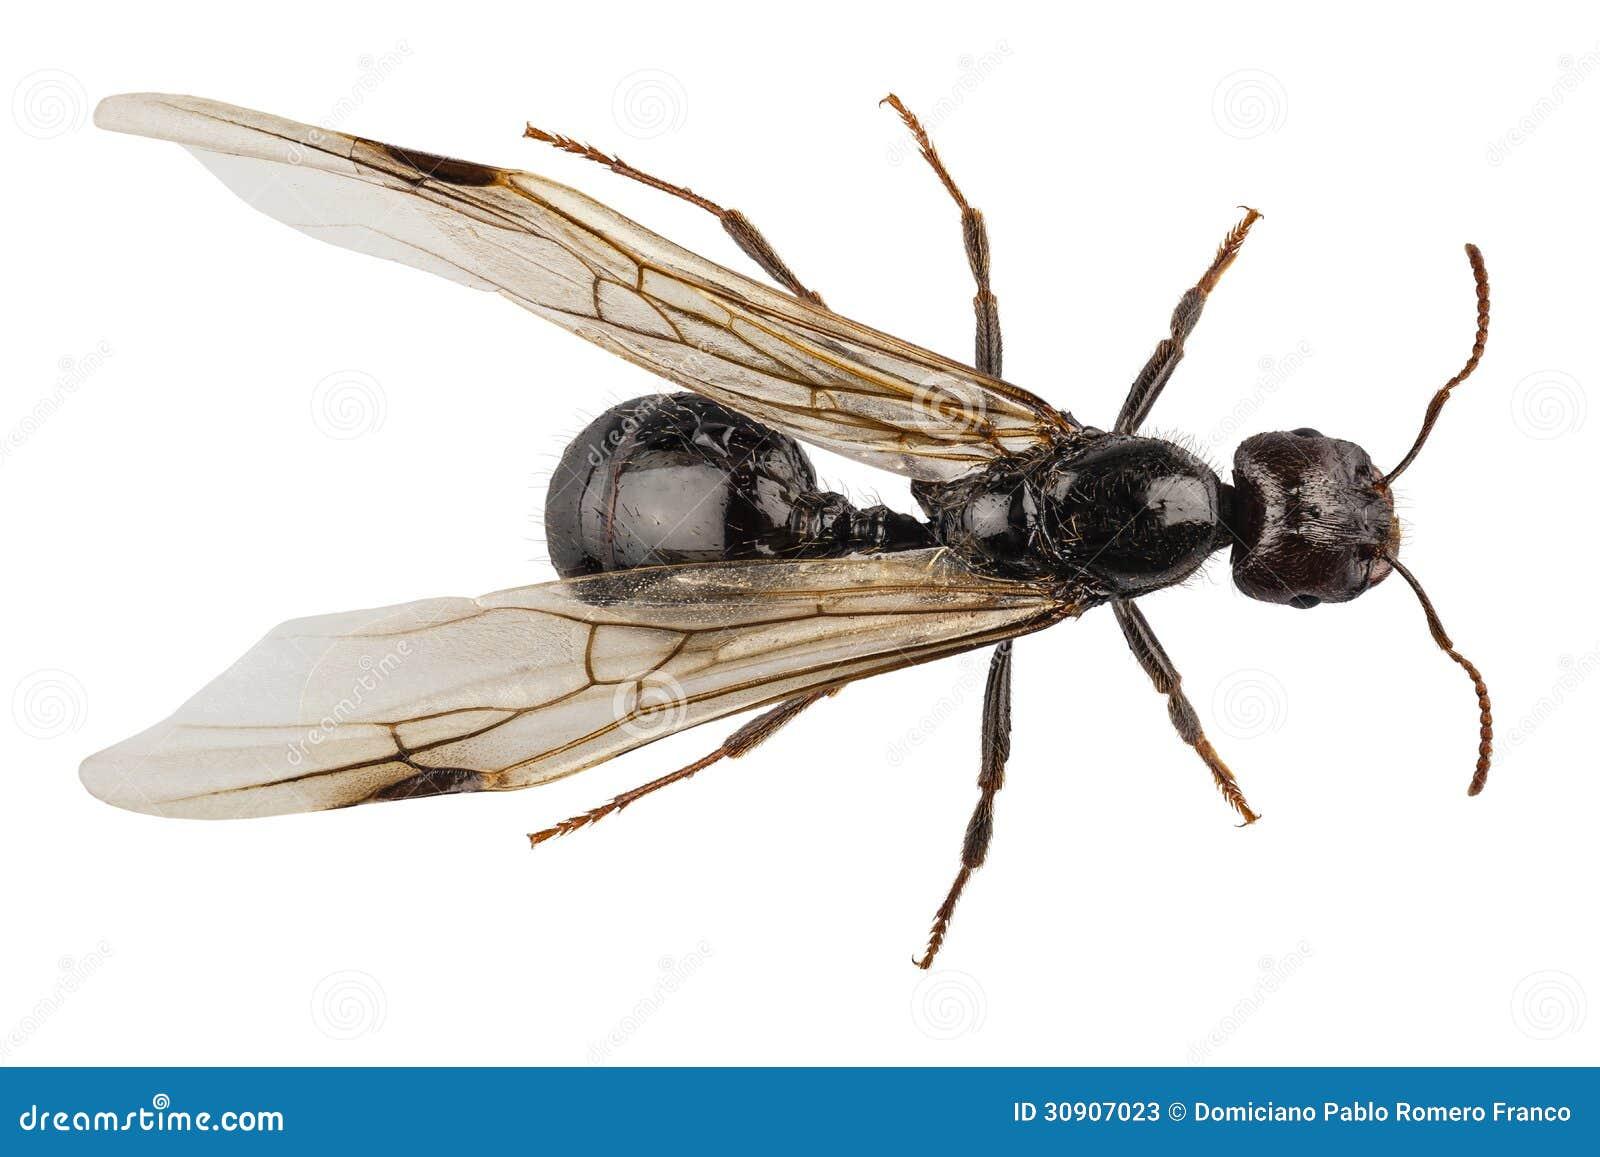 lasius du niger d 39 esp ces de fourmi de jardin ailes par noir photos stock image 30907023. Black Bedroom Furniture Sets. Home Design Ideas